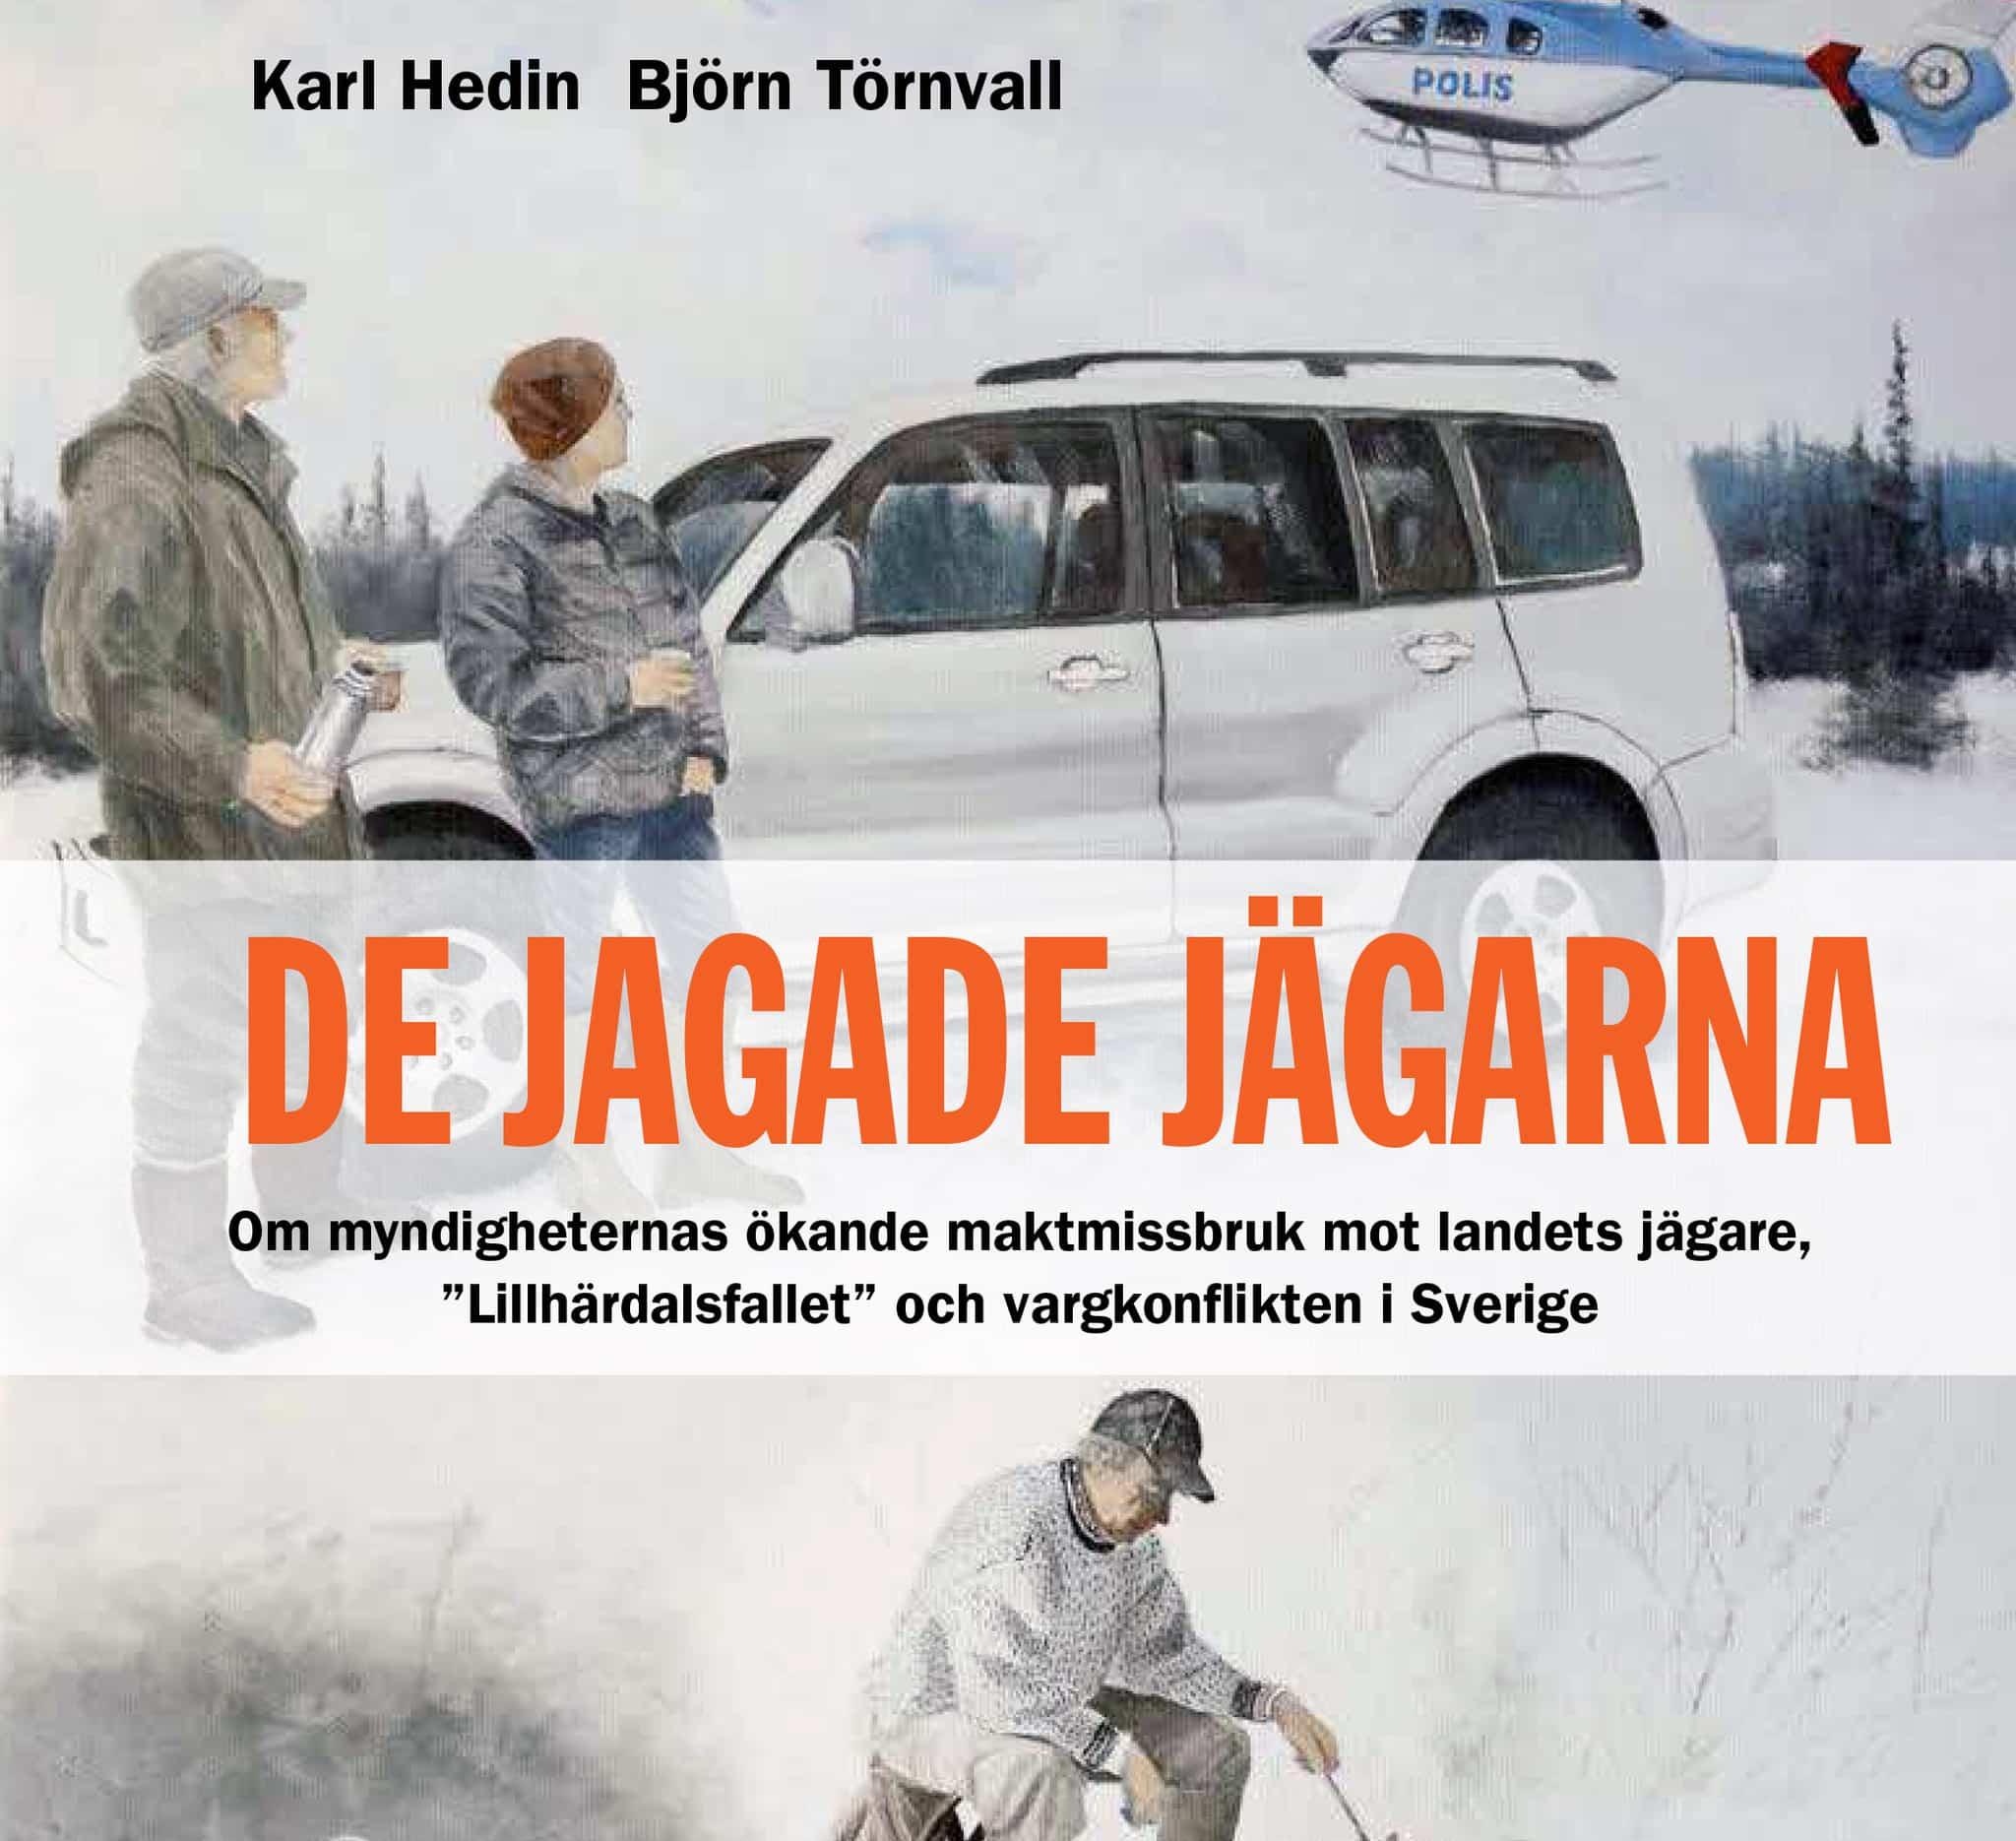 De jagande jägarna lanseras nu i dagarna. Boken beskriver bland annat det uppmärksammade Lillhärdalsfallet.